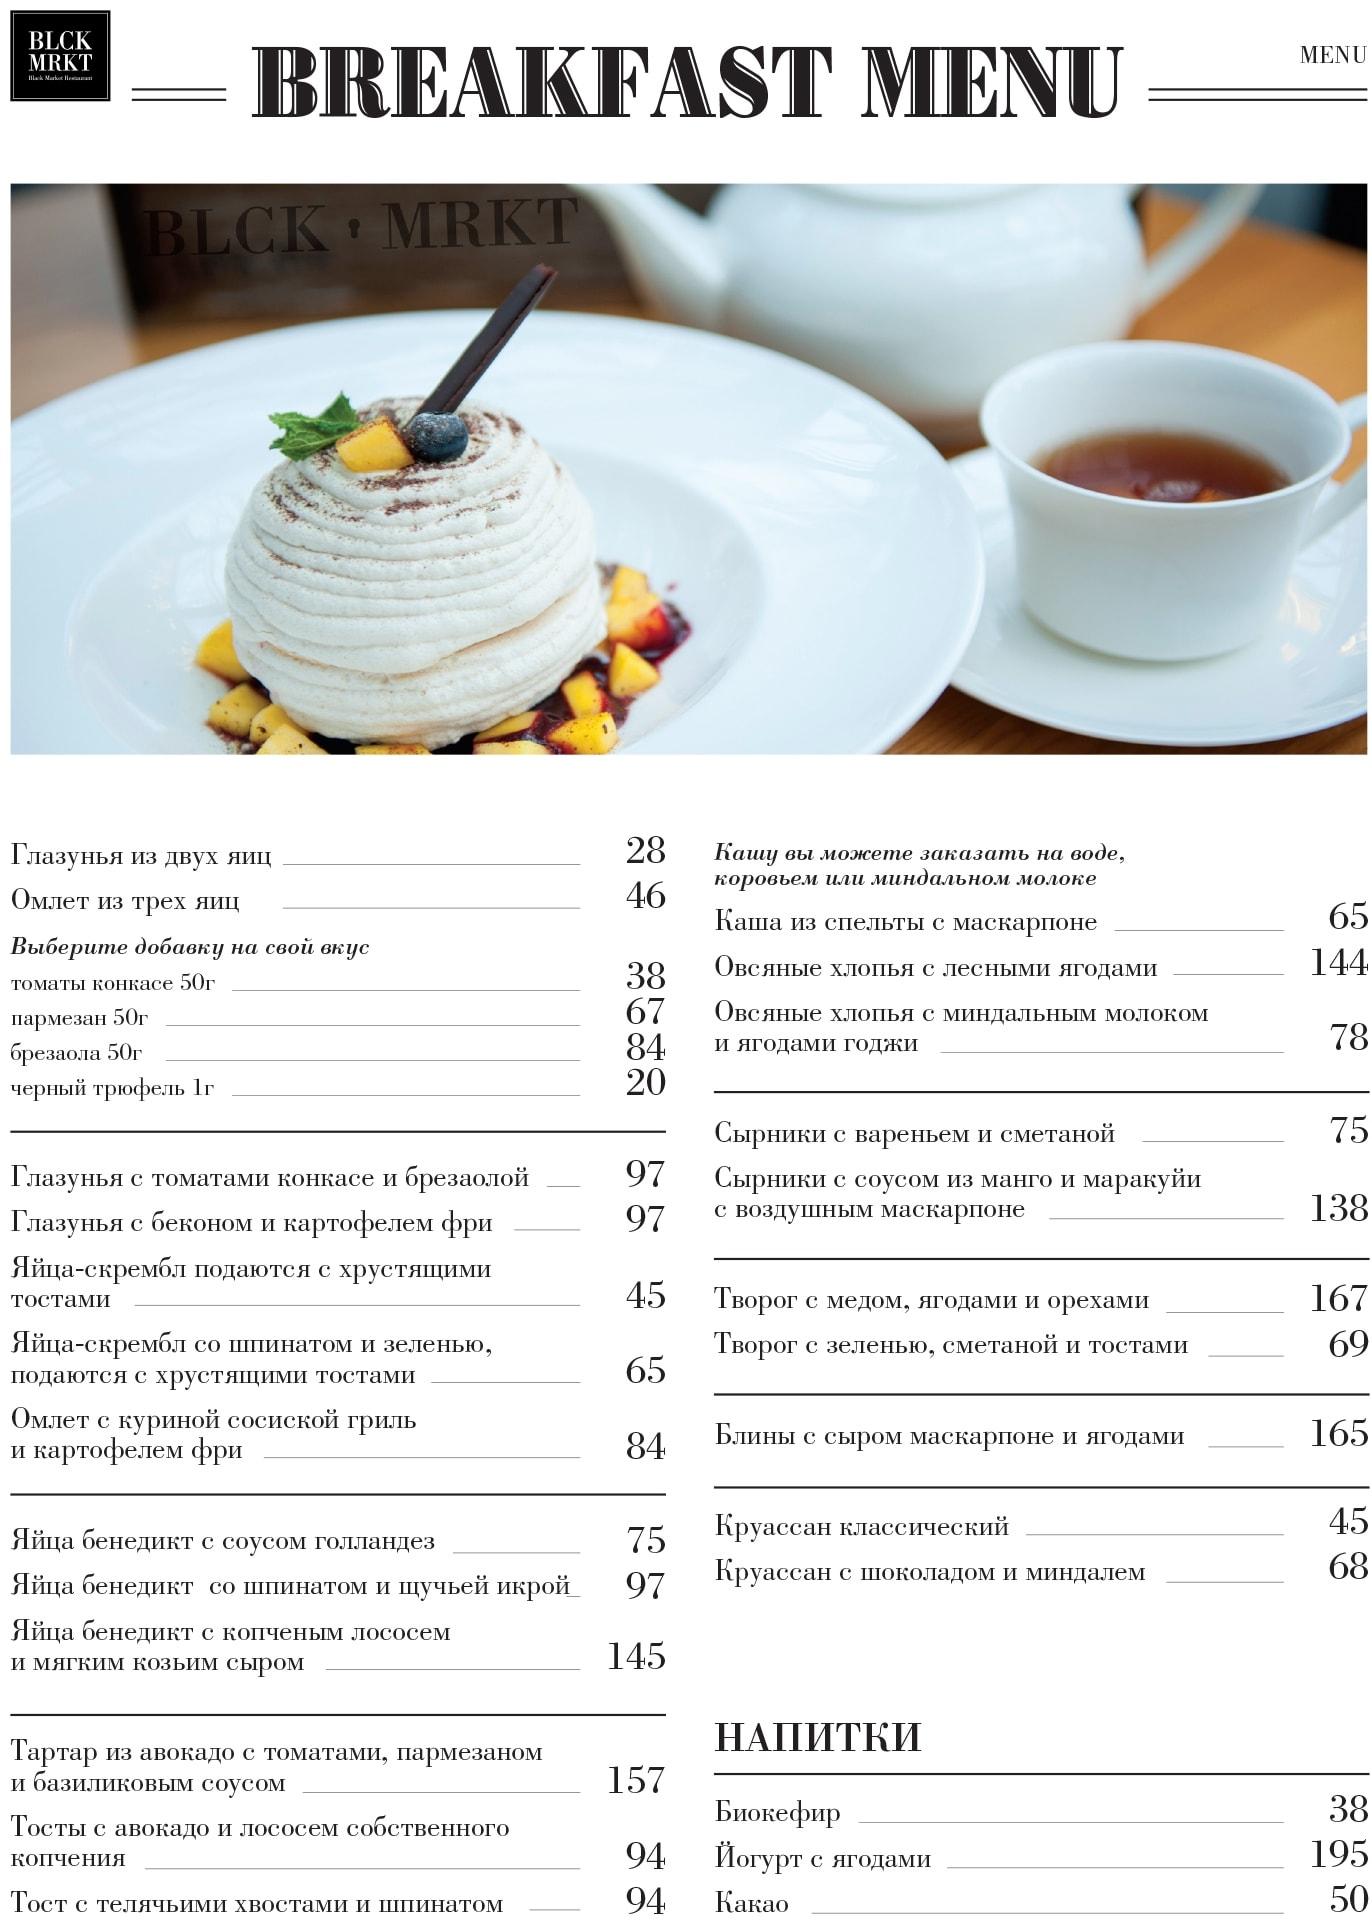 Блэк Маркет меню завтраки